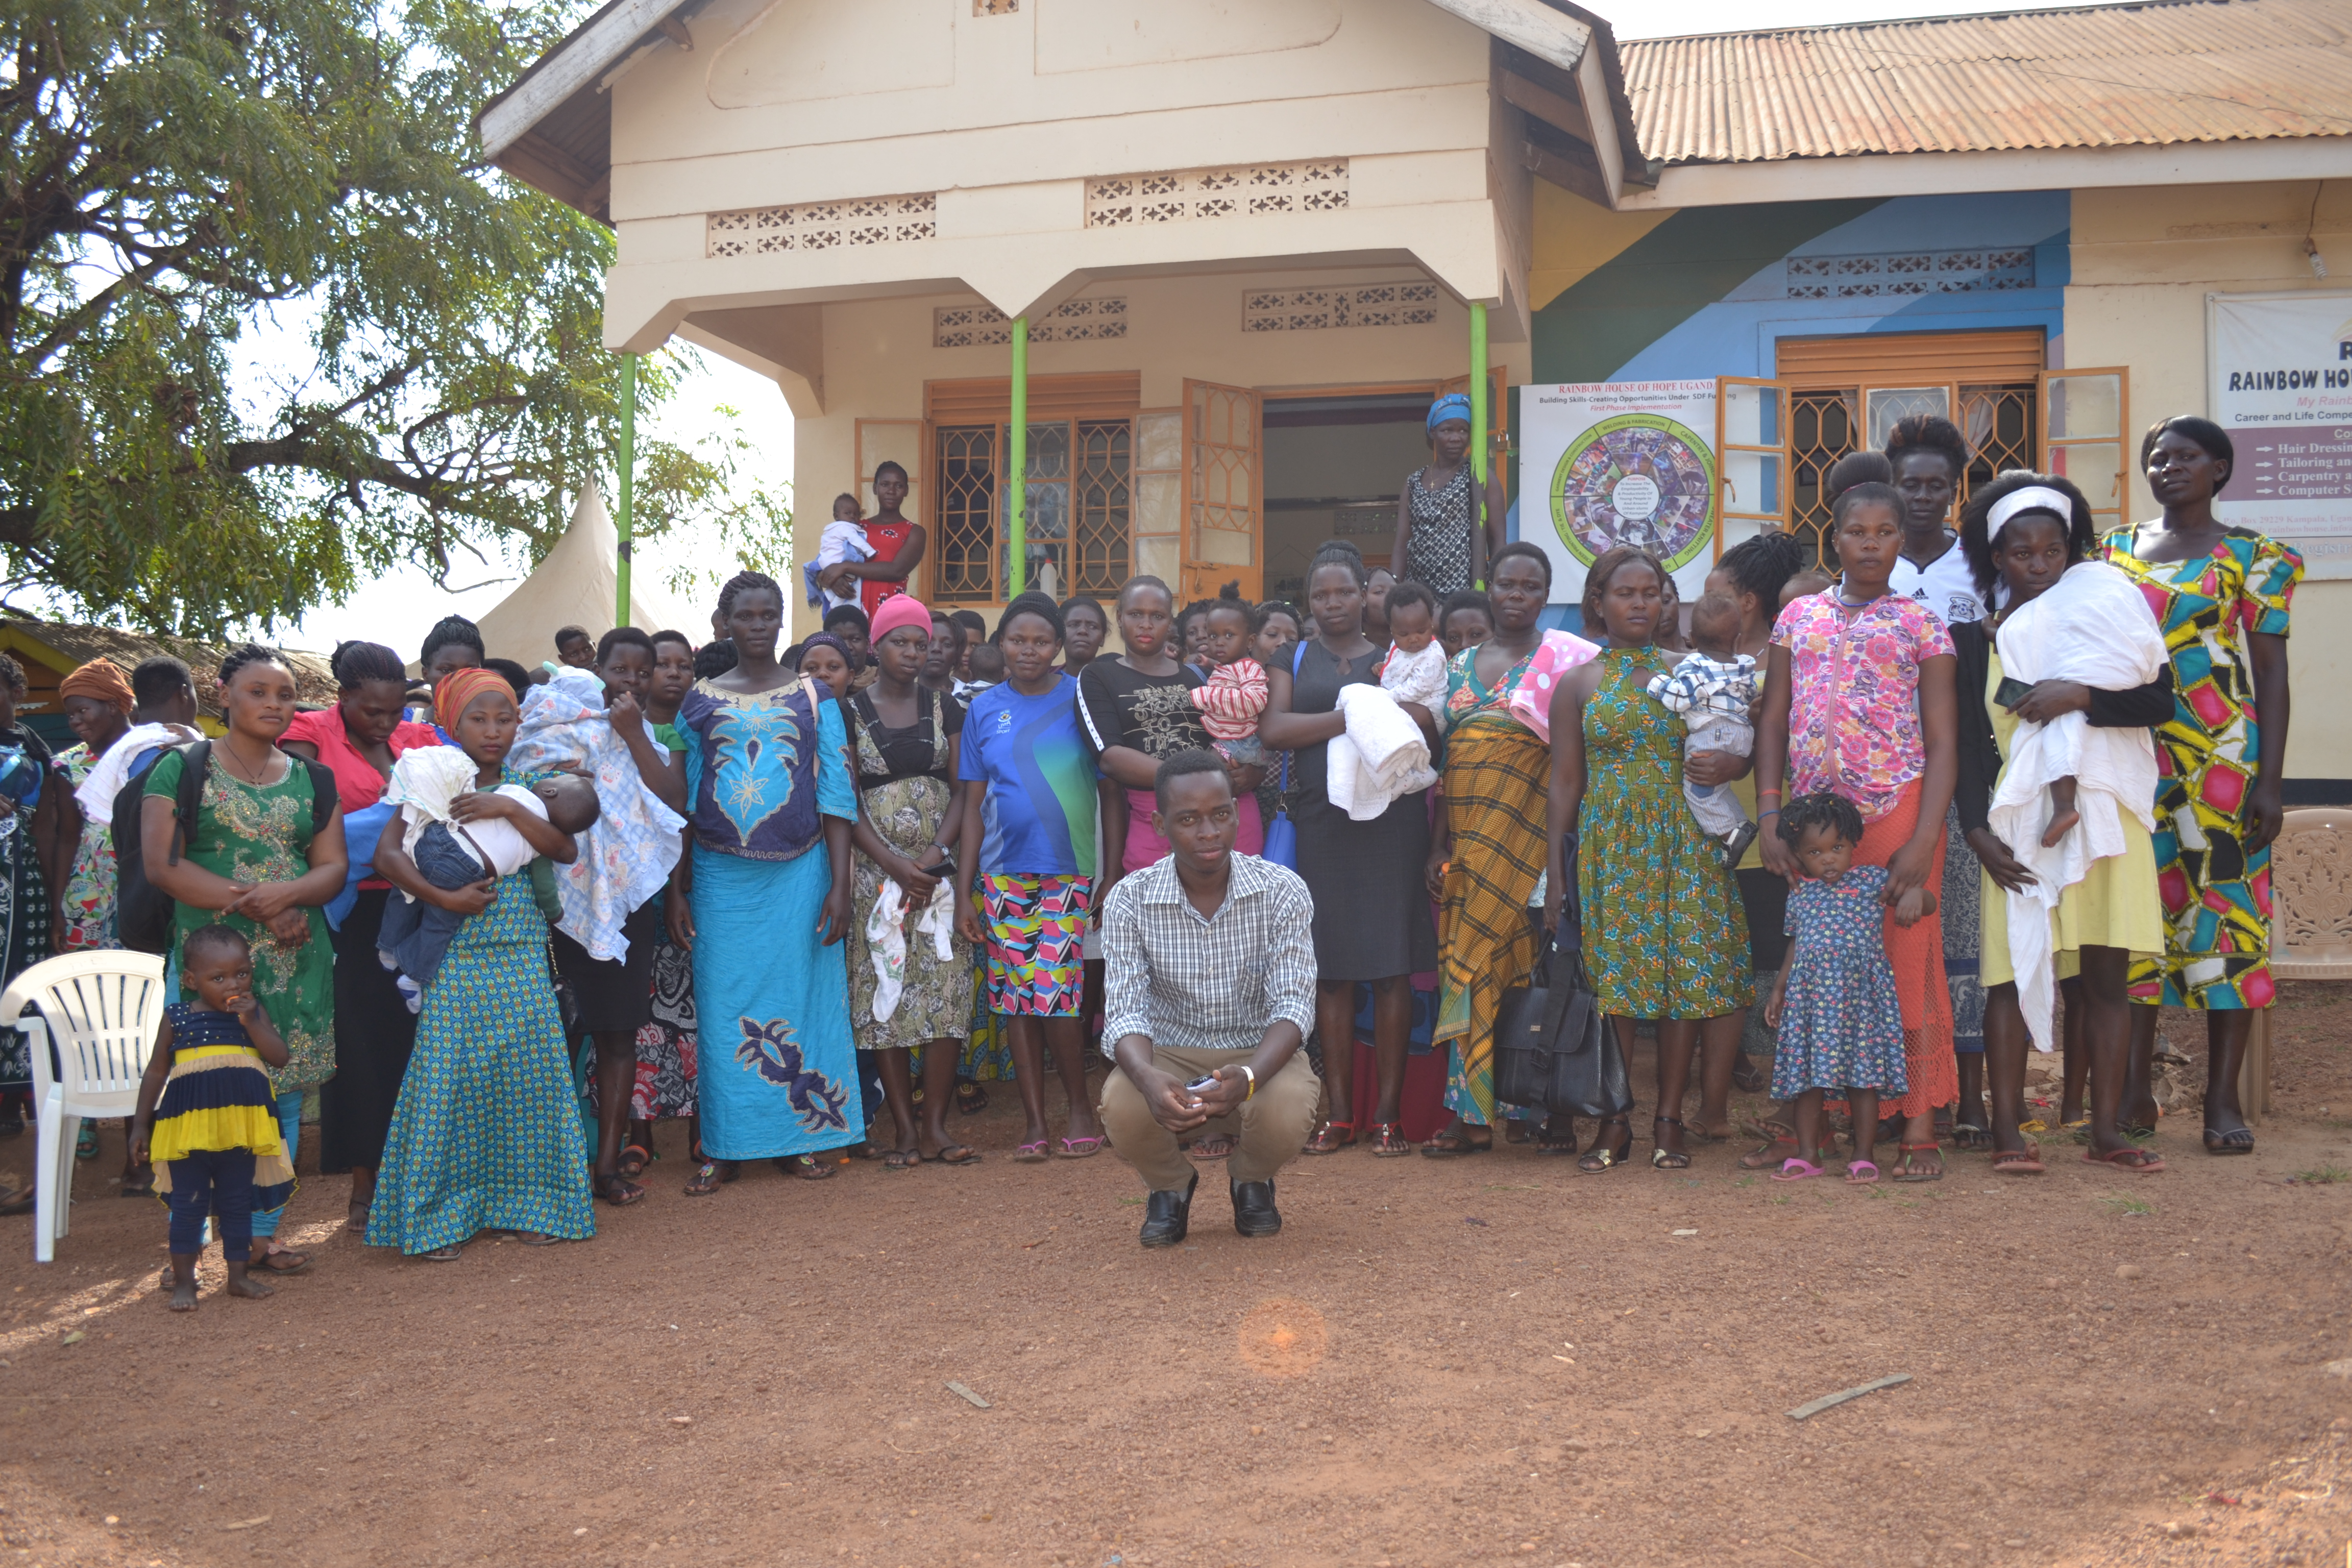 Afripads Workshop und Rainbow